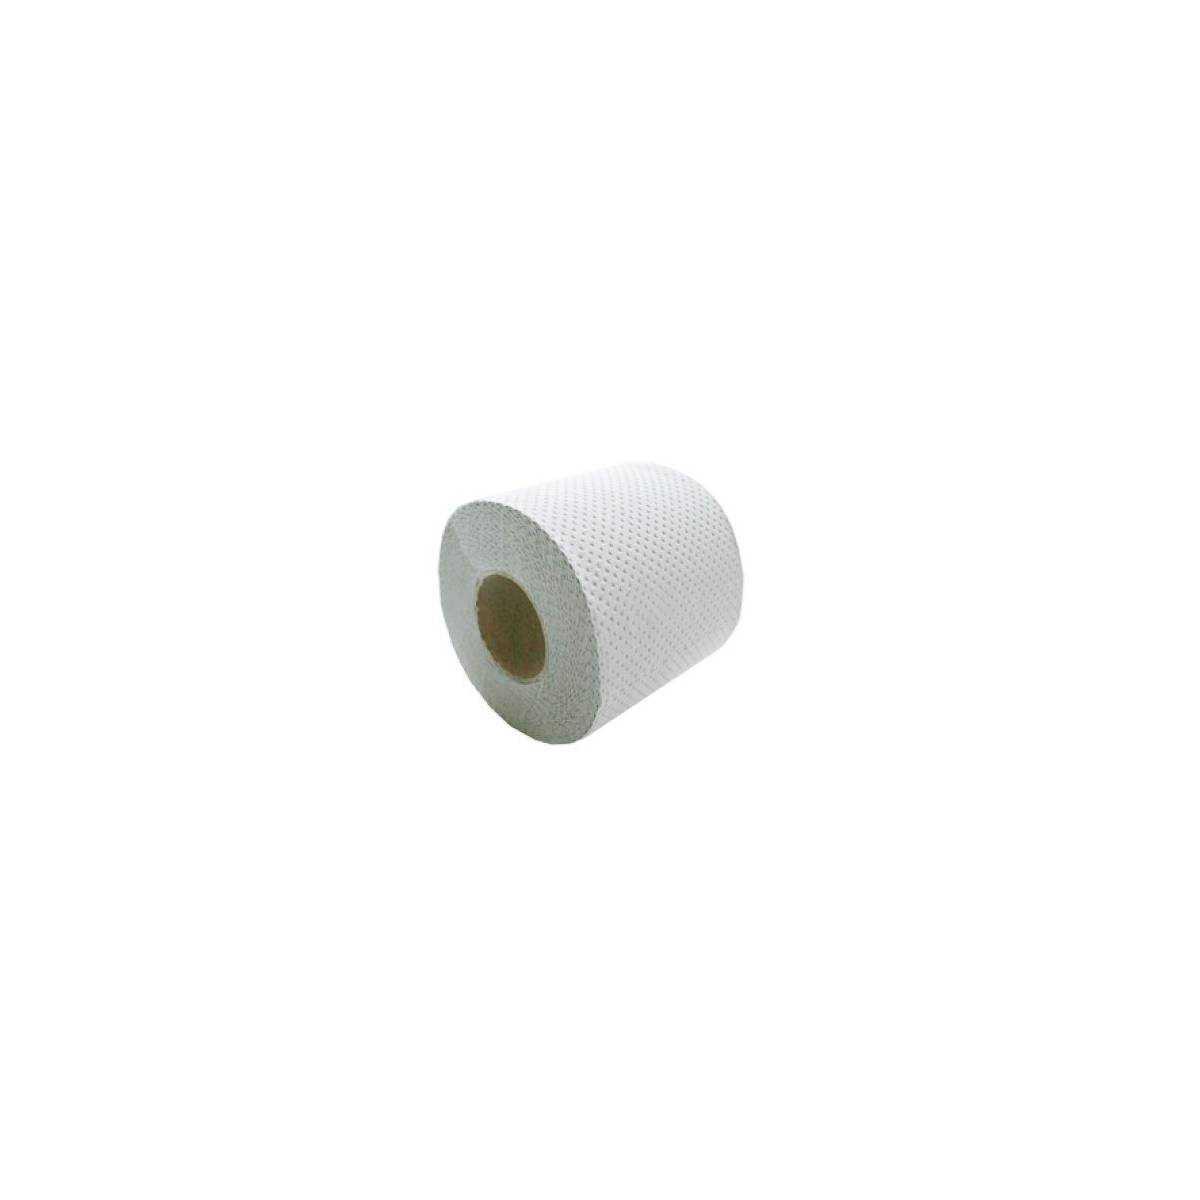 Туалетная бумага в рулоне POPSA (B902) B902 Tischa Papier